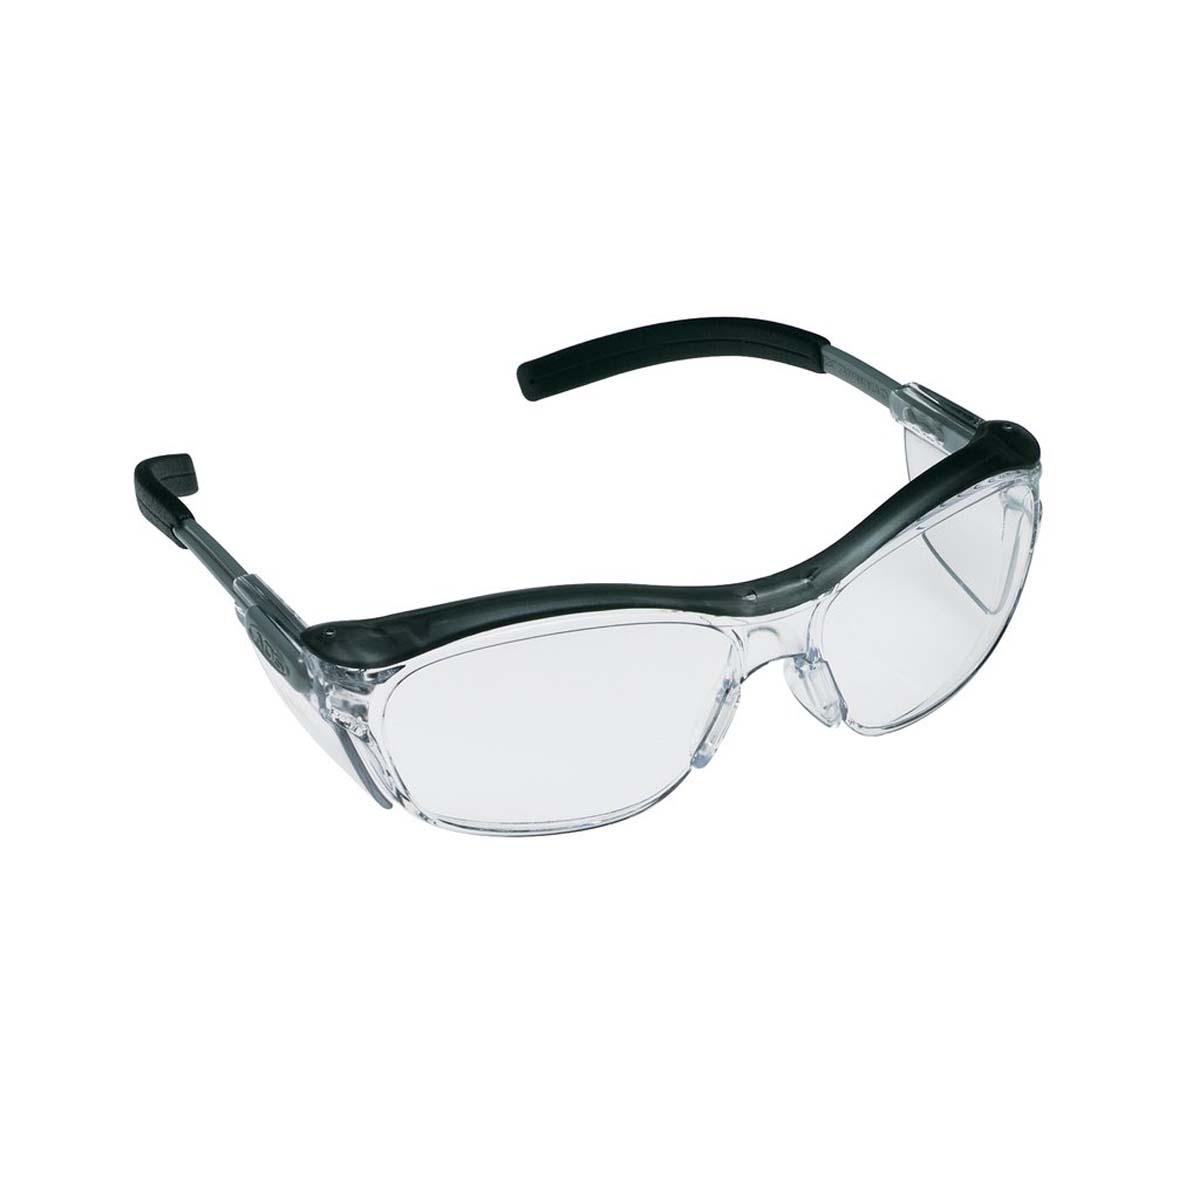 """3Mâ""""¢ Nuvoâ""""¢ Protective Eyewear 11411-00000-20 Clear Anti-Fog Lens, Gray Frame"""